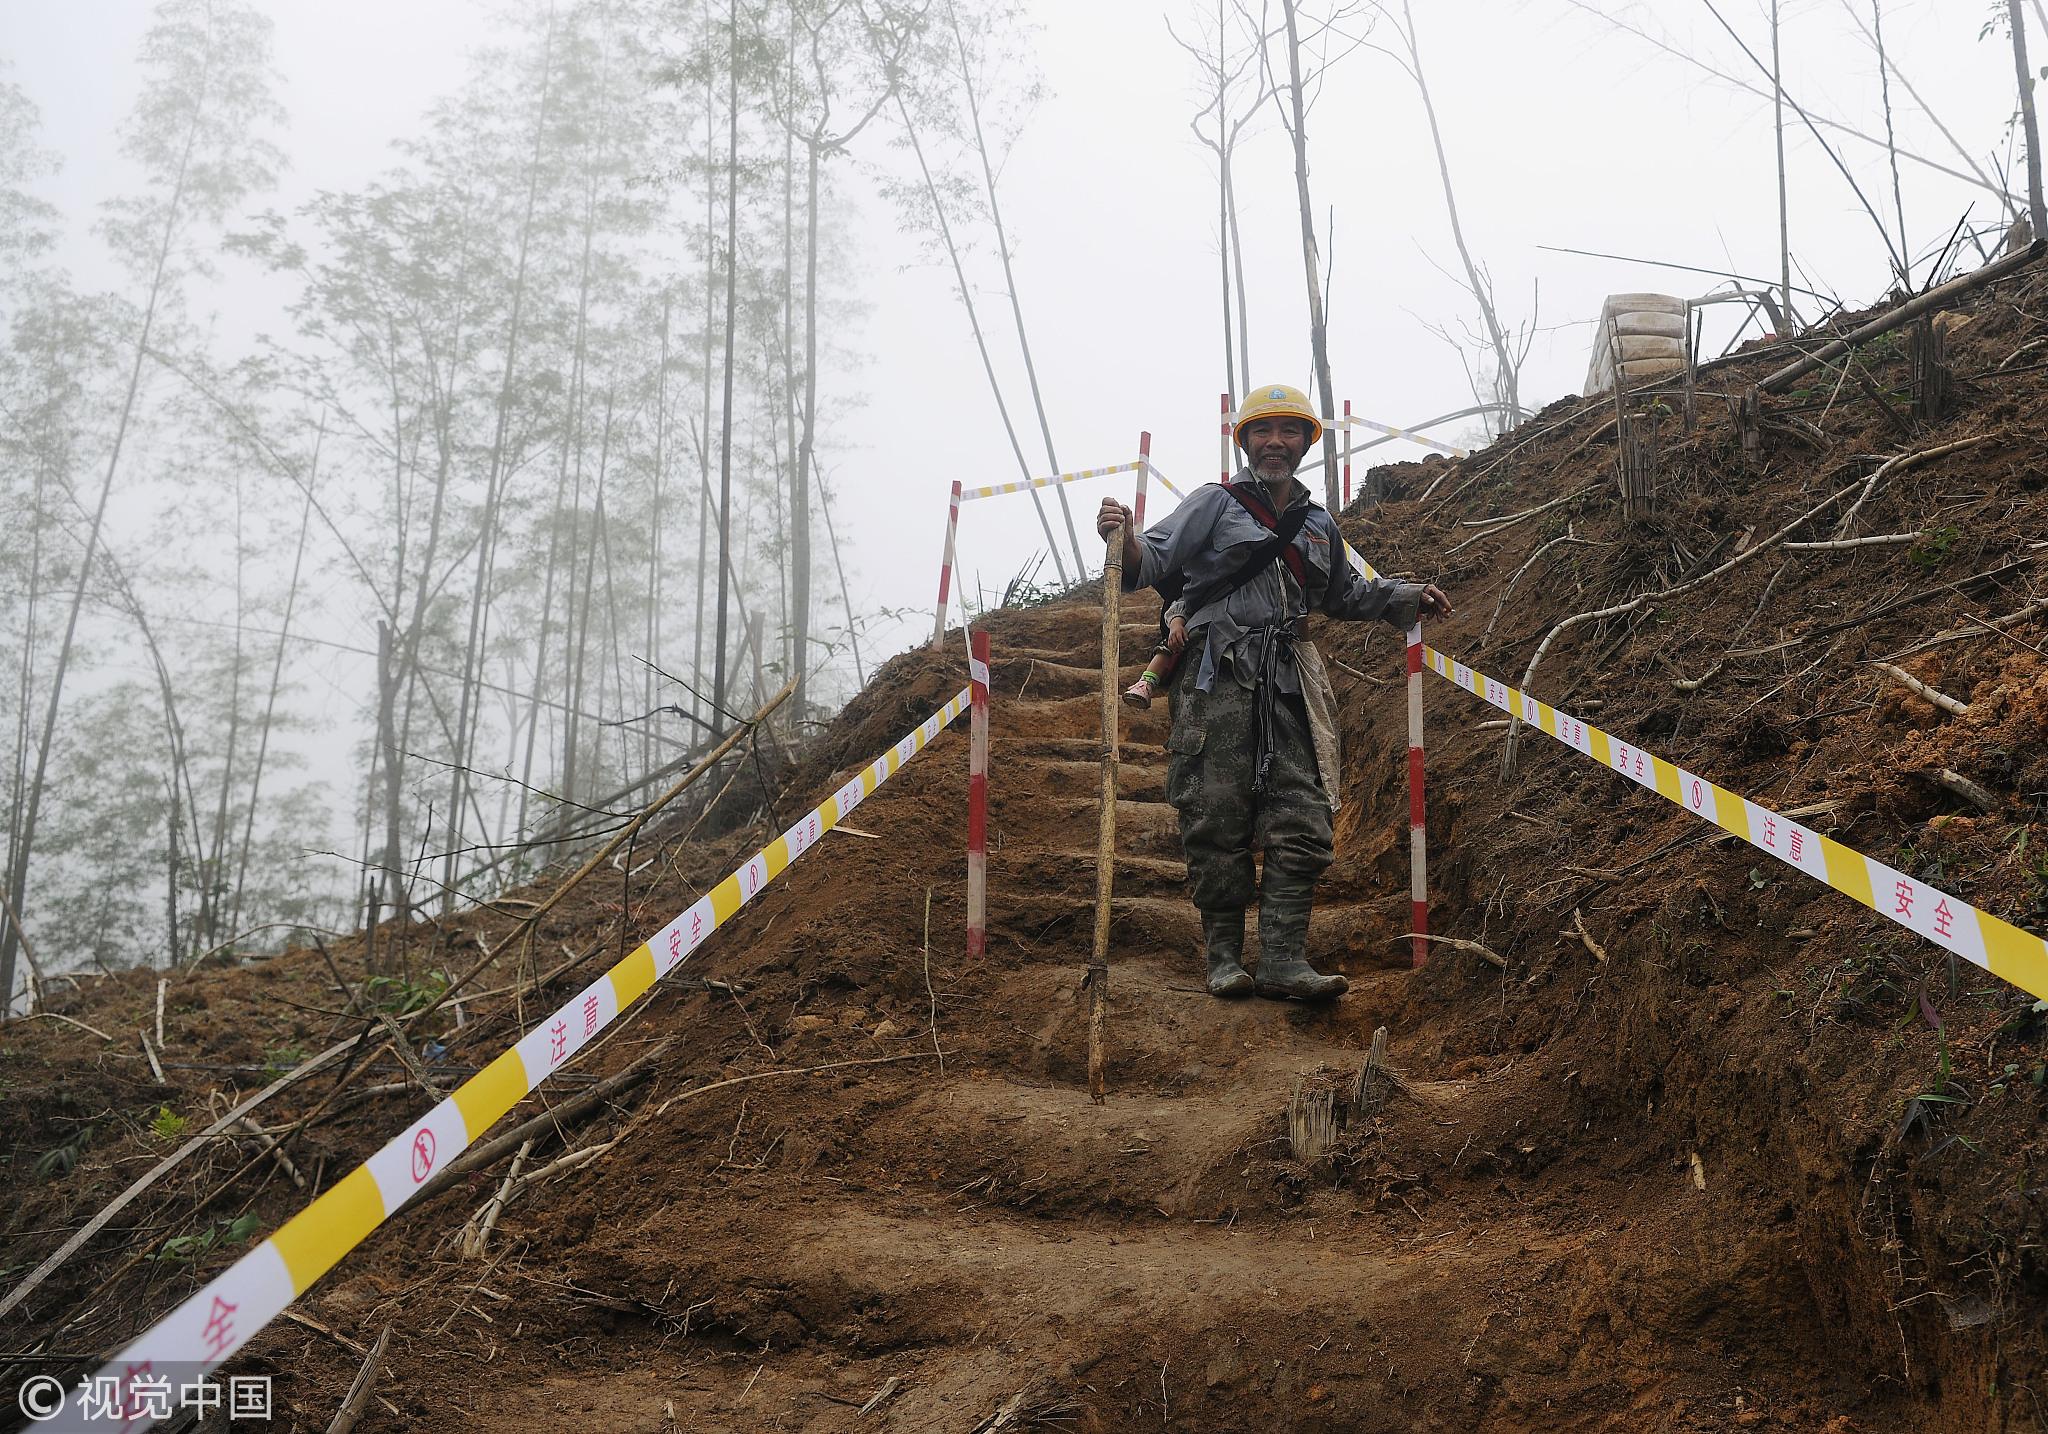 中越边境的地雷,有多吓人?28年前,我体验过……-... -红豆社区